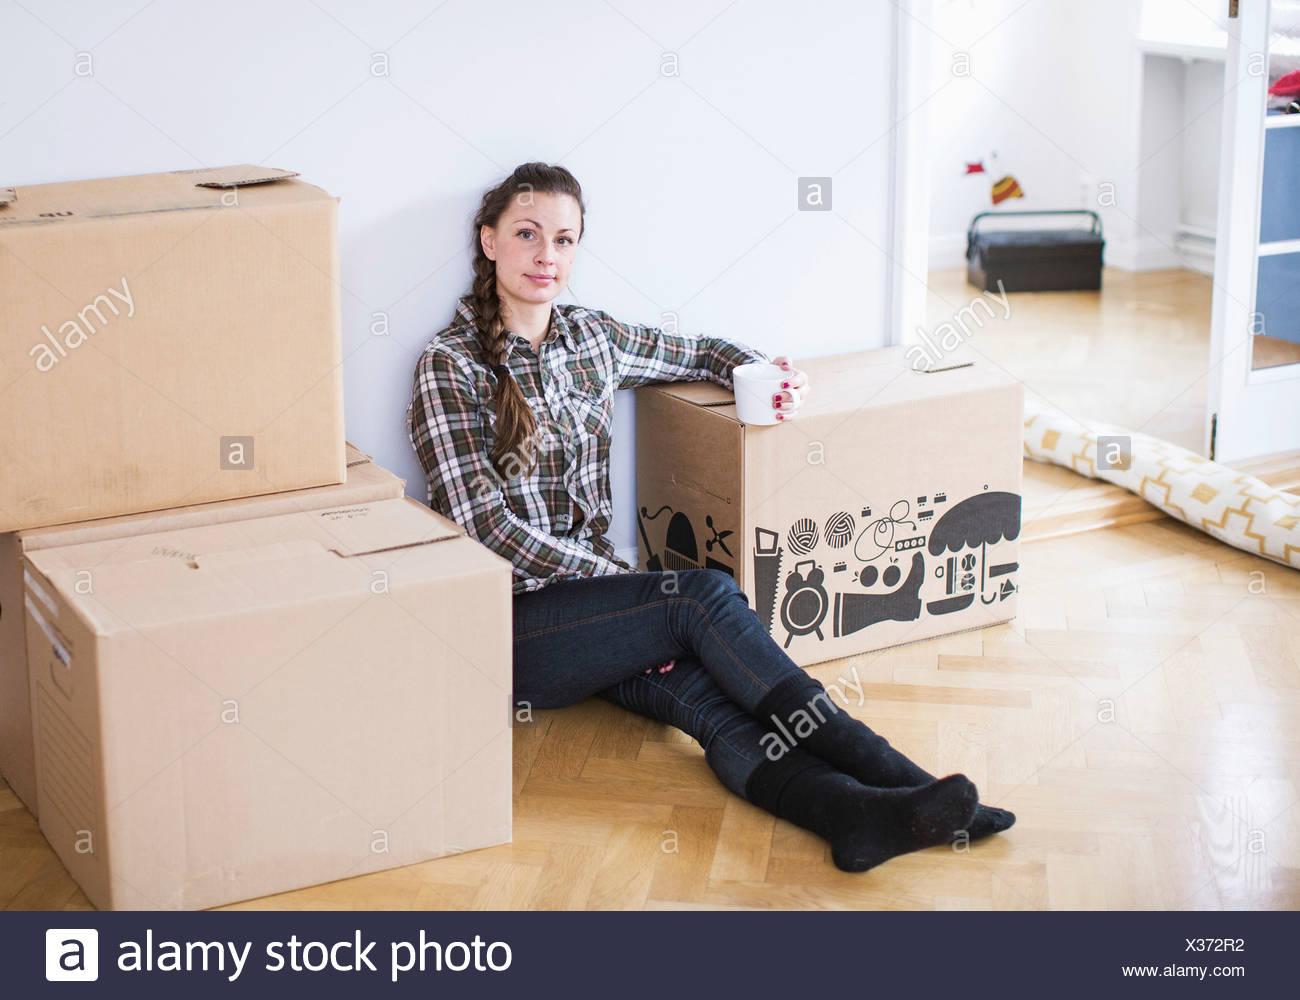 In voller Länge Portrait von junge Frau Kaffeetrinken im neuen Zuhause Stockbild